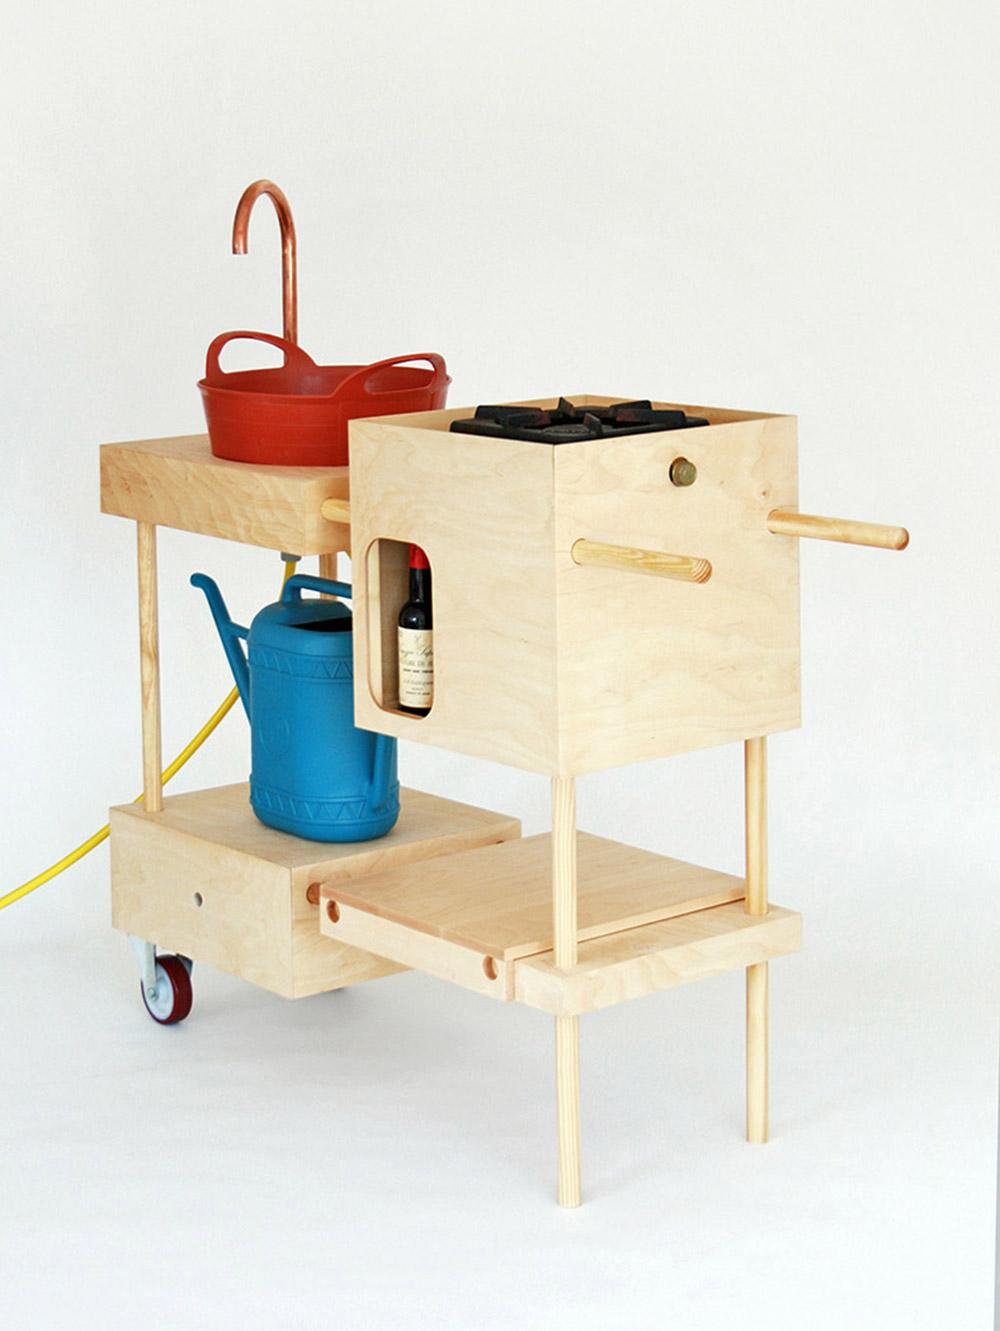 המטבח של נינה טולסטרופ, אוצרת התערוכה. תמורת עשר לירות שטרלינג תוכלו לרכוש את הוראות ההרכבה ולבנות לכם מטבח משלכם